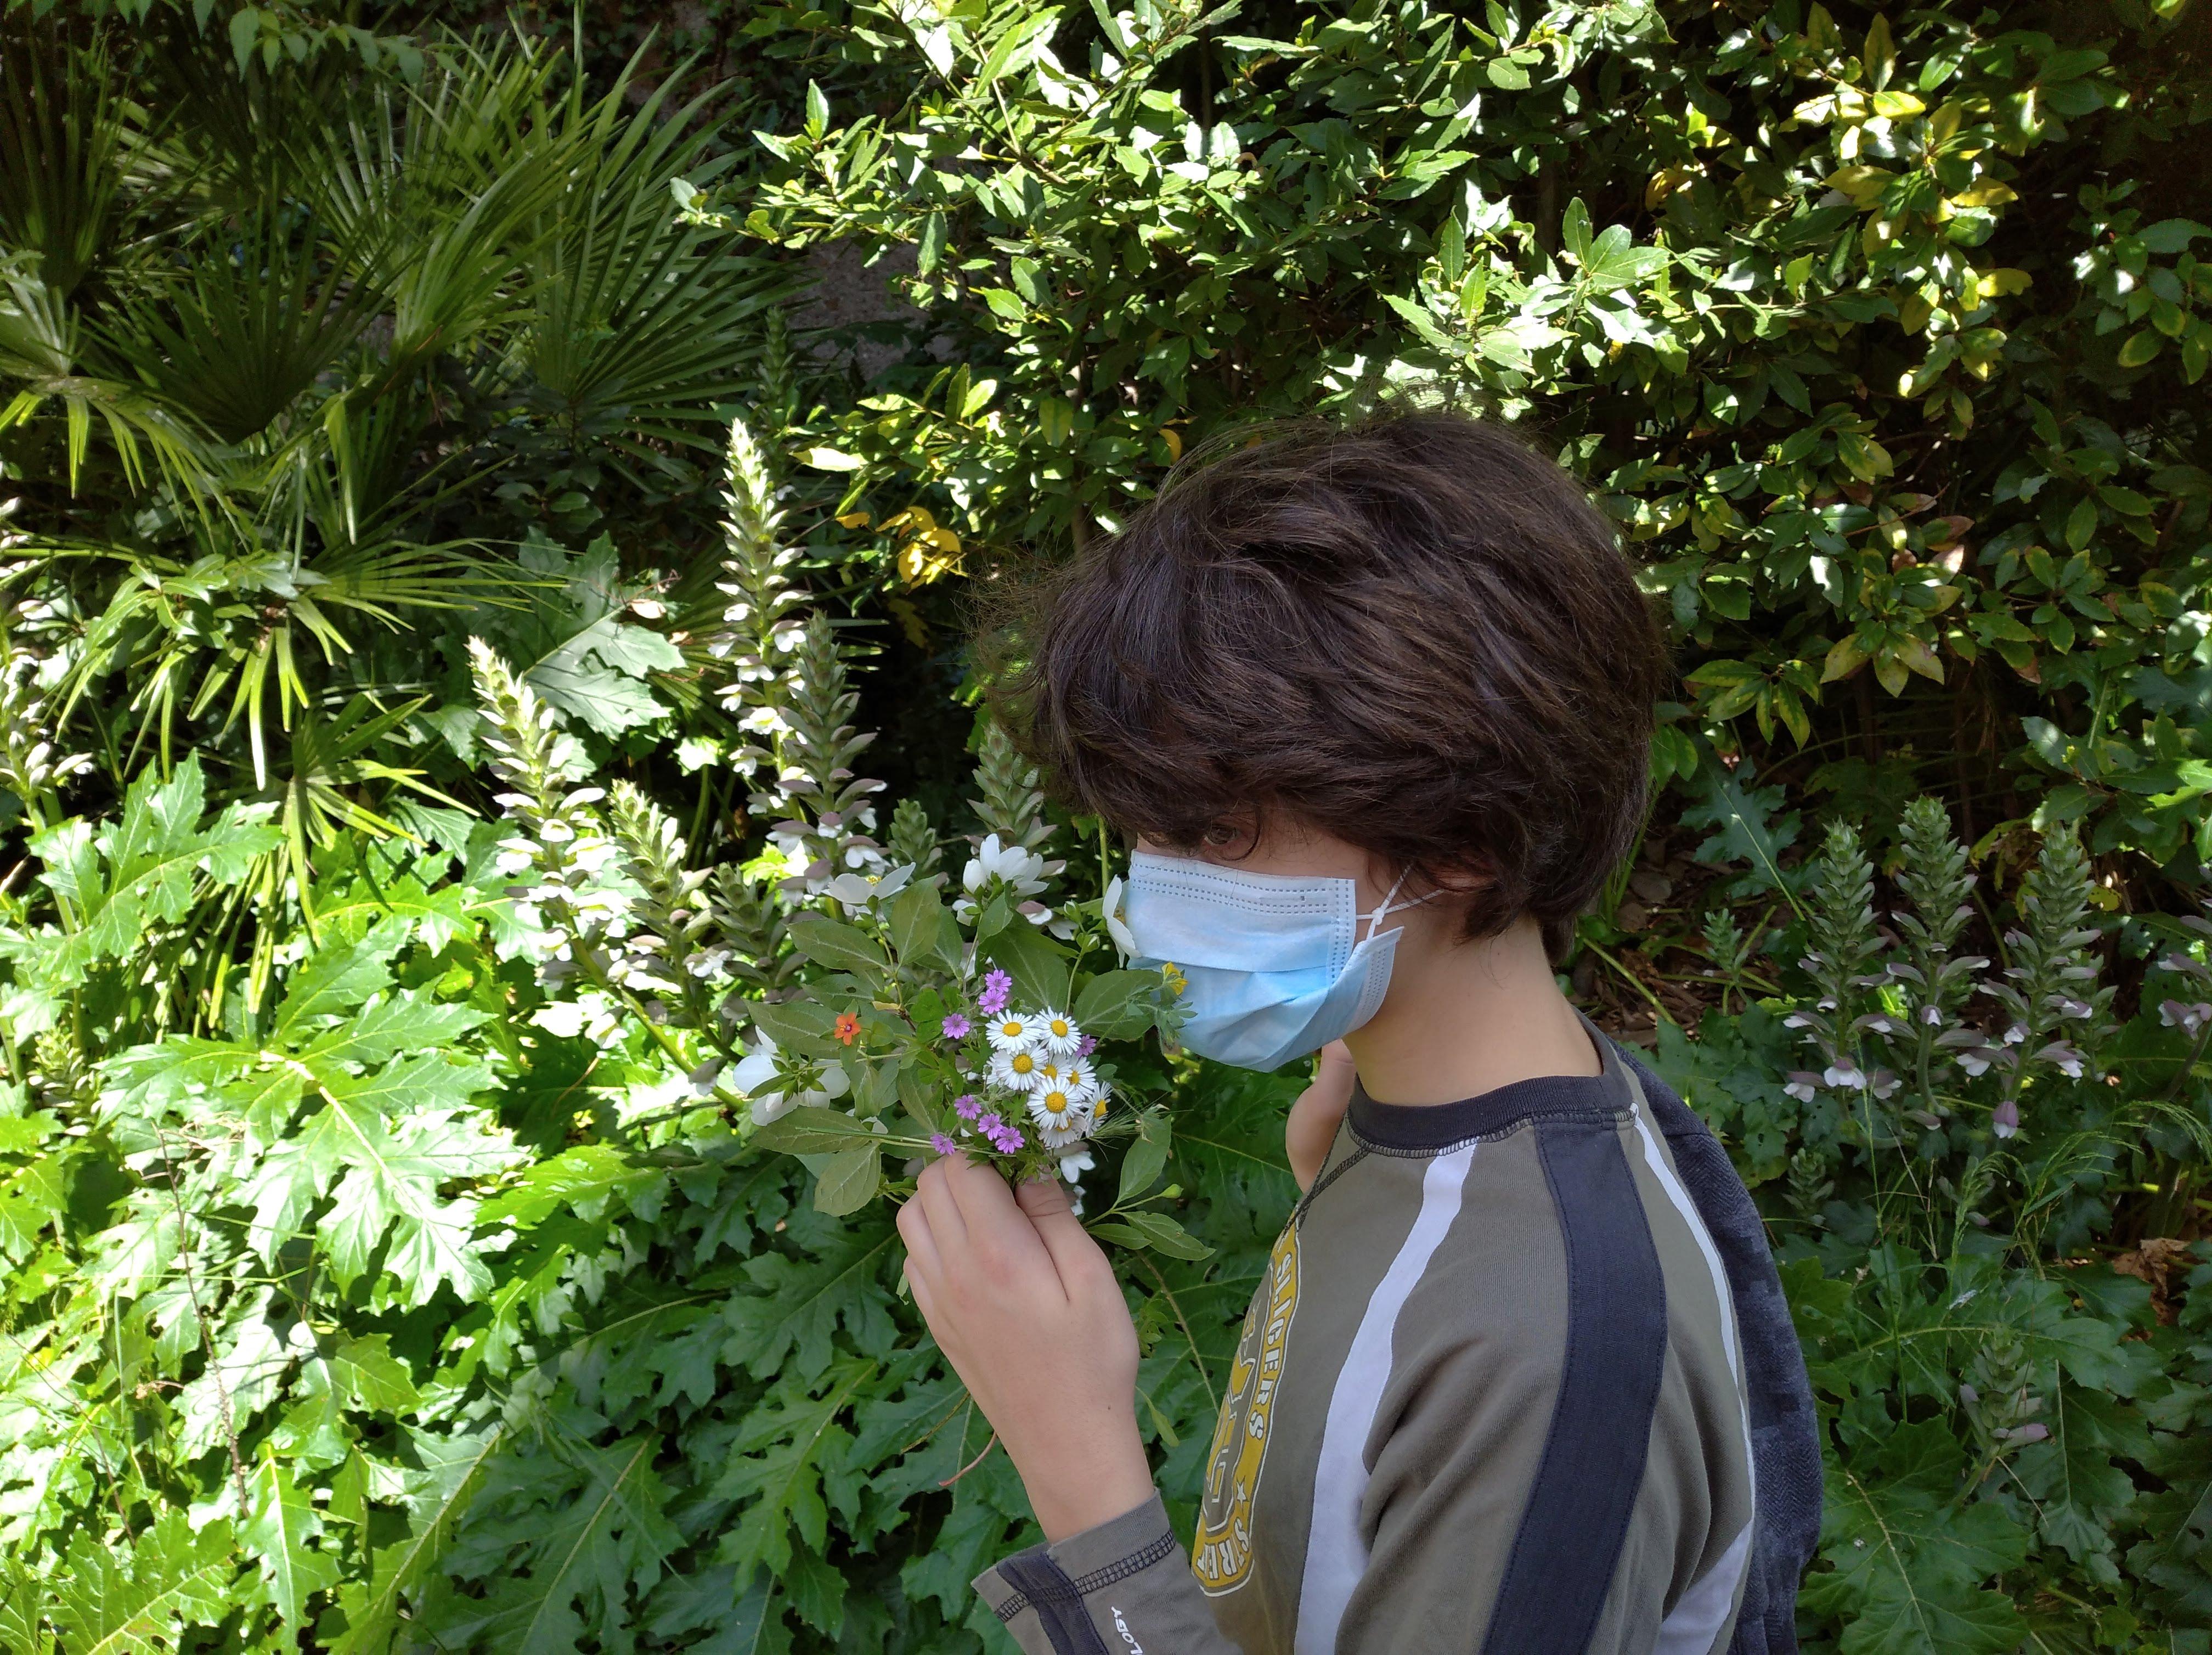 il profumo della quarantena